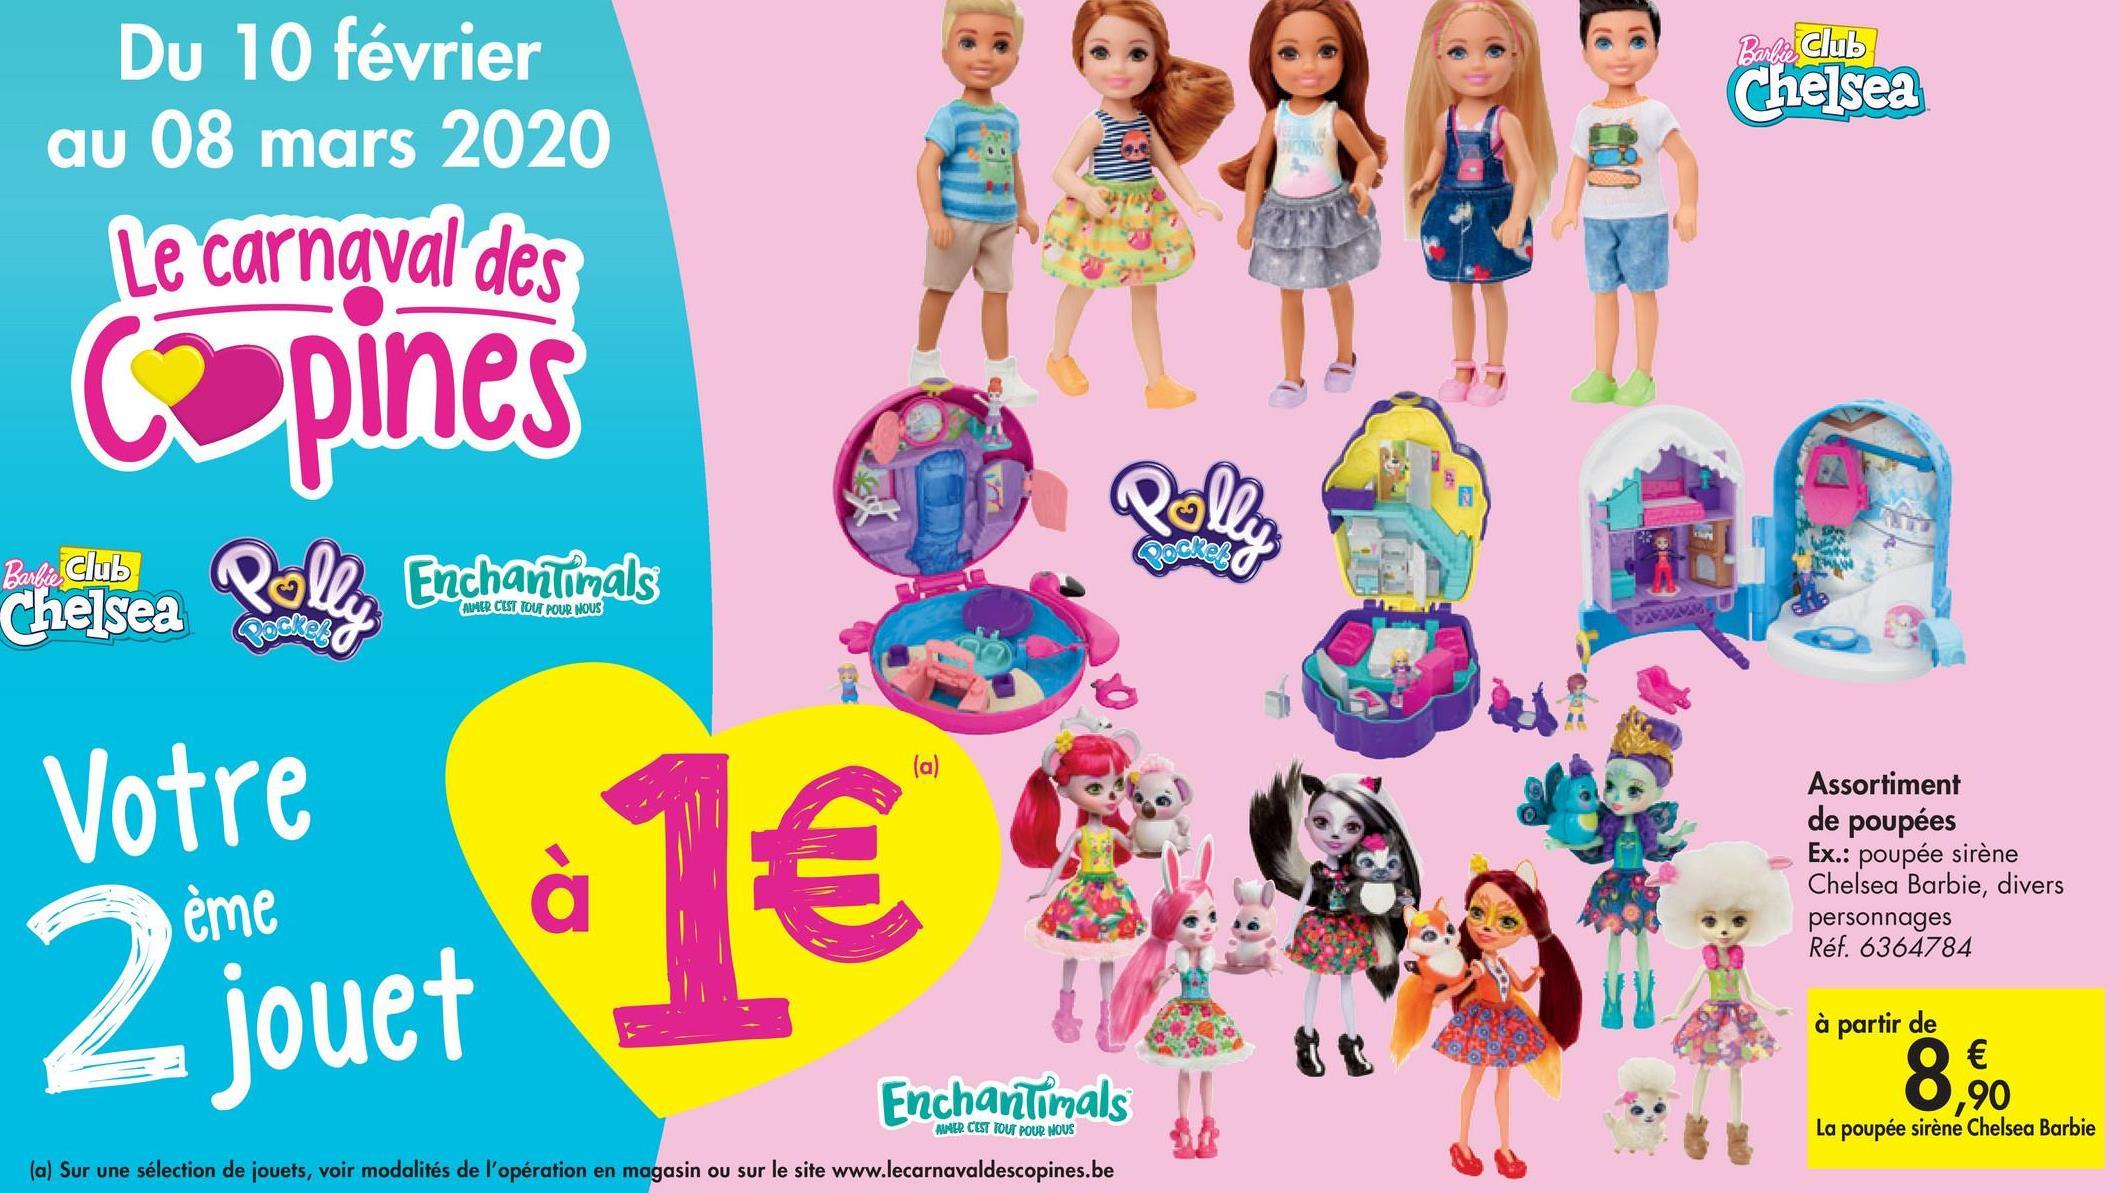 Barbie Club Chelsea Du 10 février au 08 mars 2020 Le carnaval des @pines Barbie Club hantimals Chelsea ALMER CEST TOUT POUR NOUS Votre Assortiment de poupées Ex.: poupée sirène Chelsea Barbie, divers personnages Réf. 6364784 ème Ljouet à partir de Enchantimals 90 AER CEST TOUT POUR NOUS La poupée sirène Chelsea Barbie (a) Sur une sélection de jouets, voir modalités de l'opération en magasin ou sur le site www.lecarnavaldescopines.be